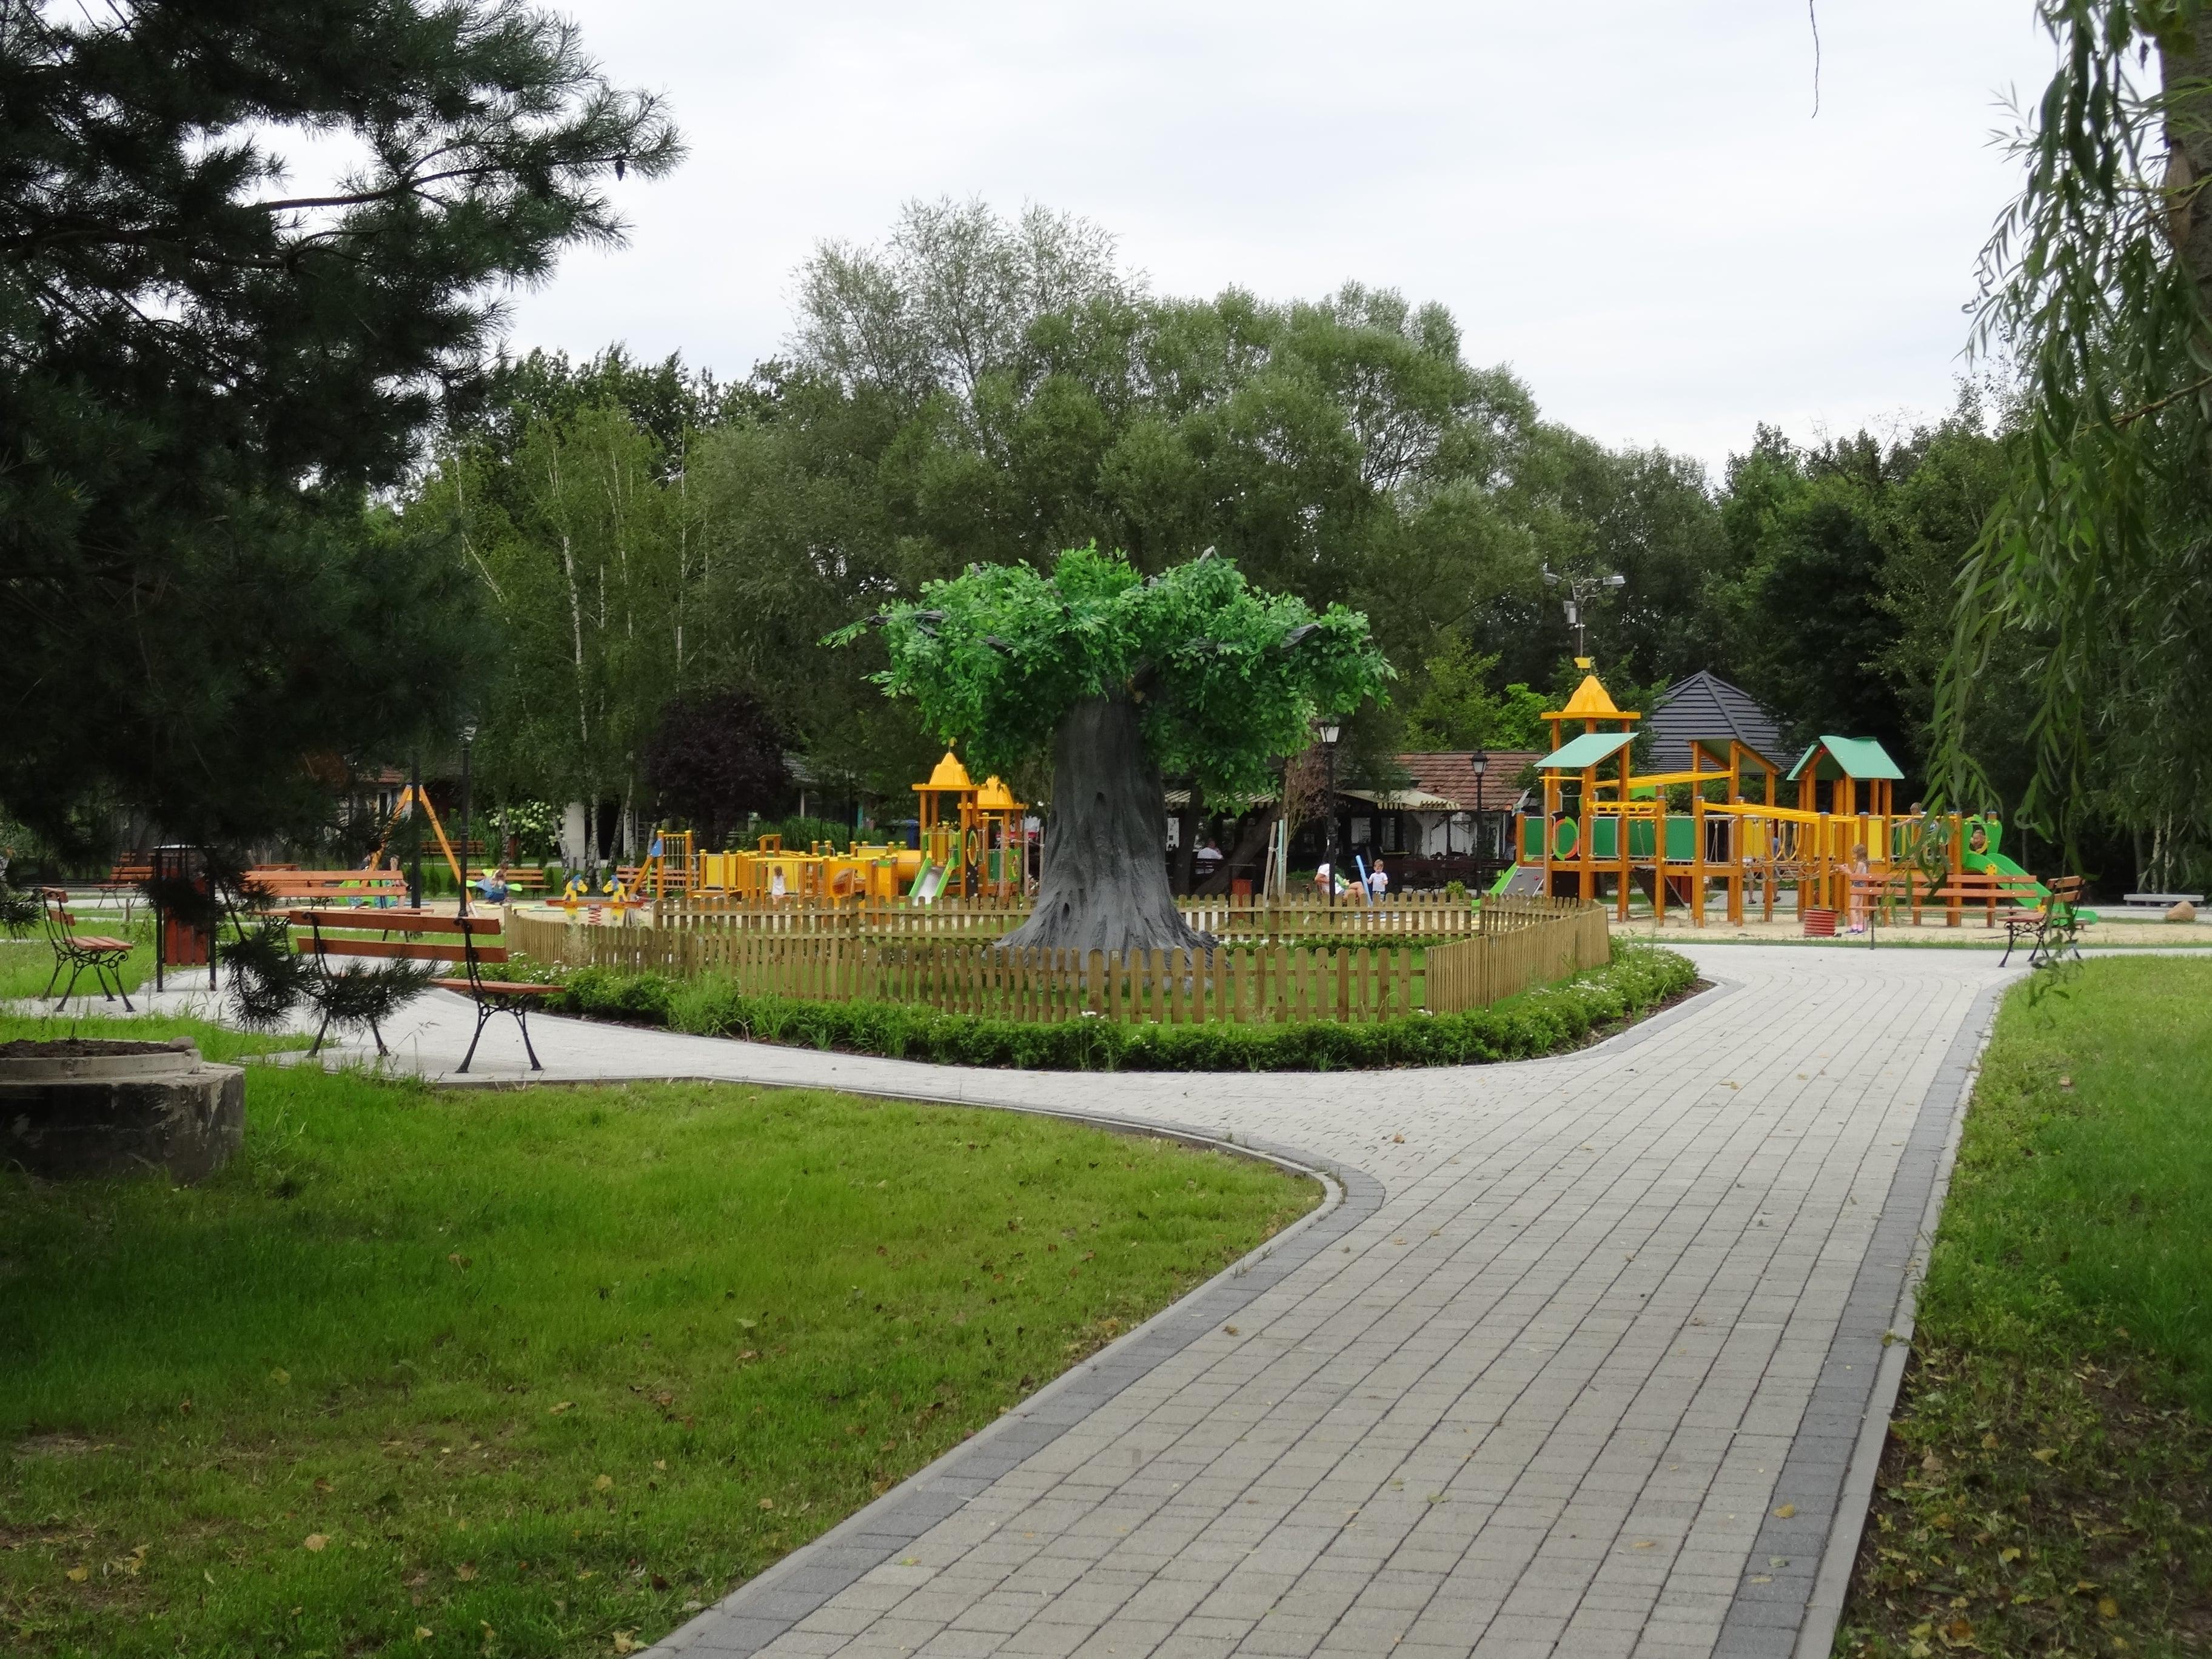 zielona-oliwka-plac-zabaw